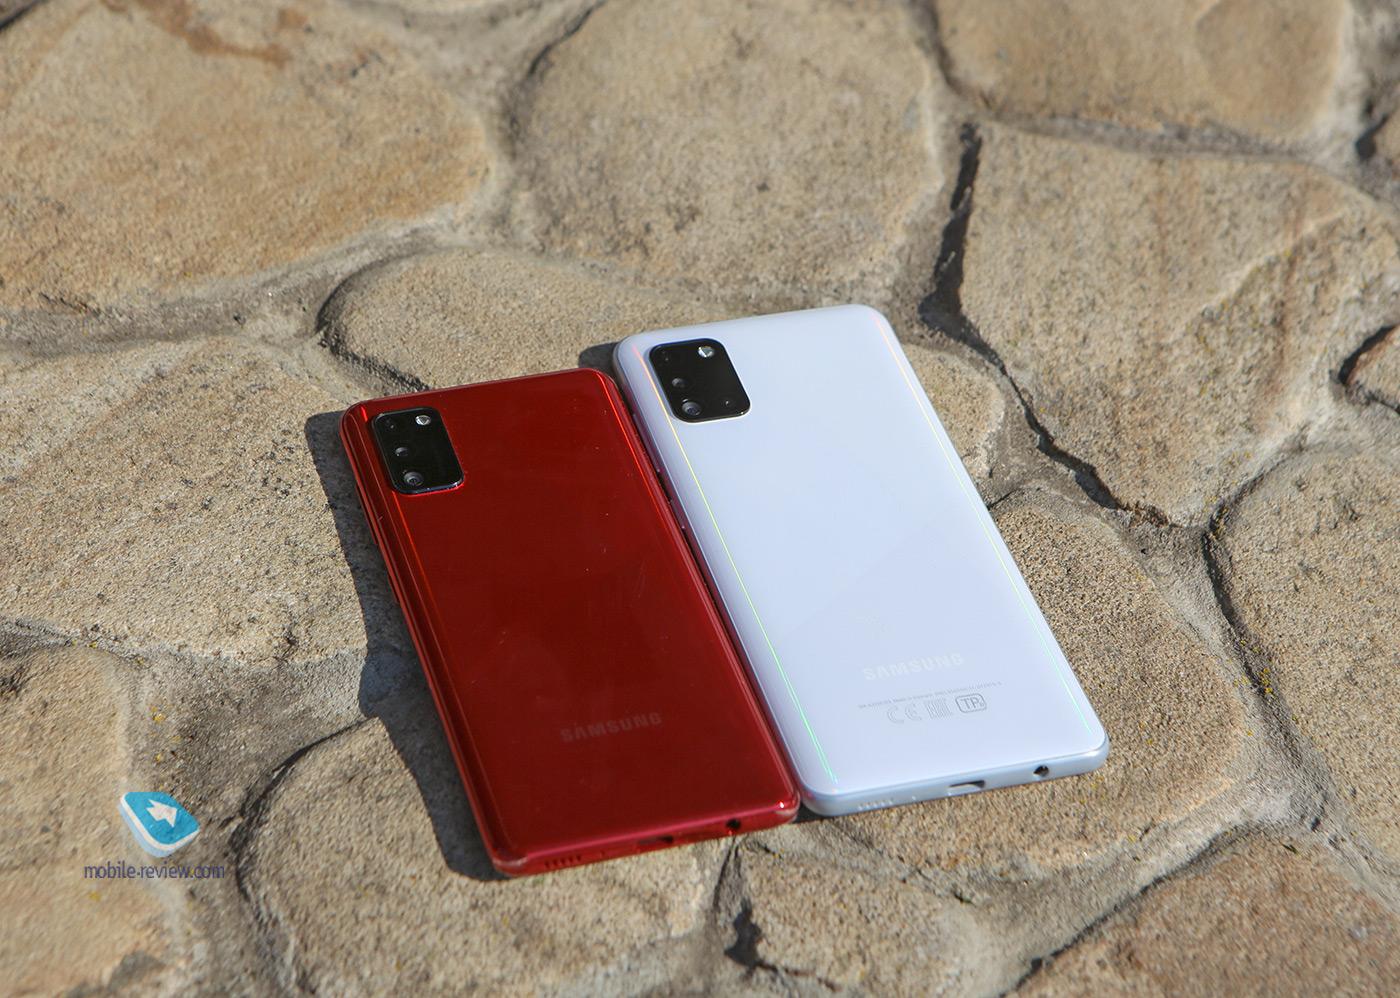 Диванная аналитика №243. Компактный смартфон – причины провала